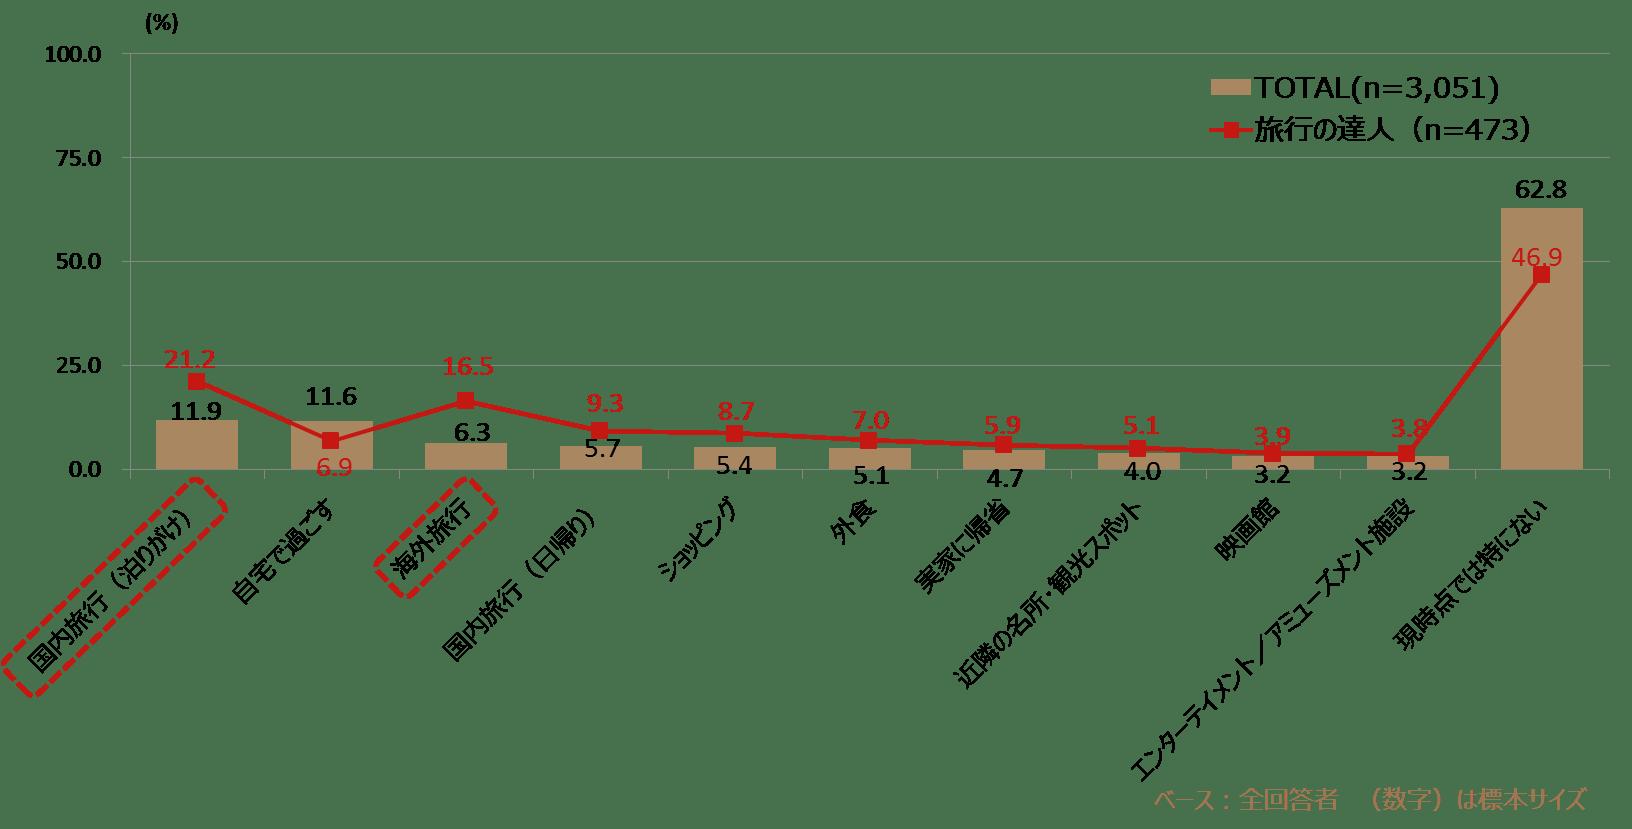 図表6_旅行の達人_諦め_2.png